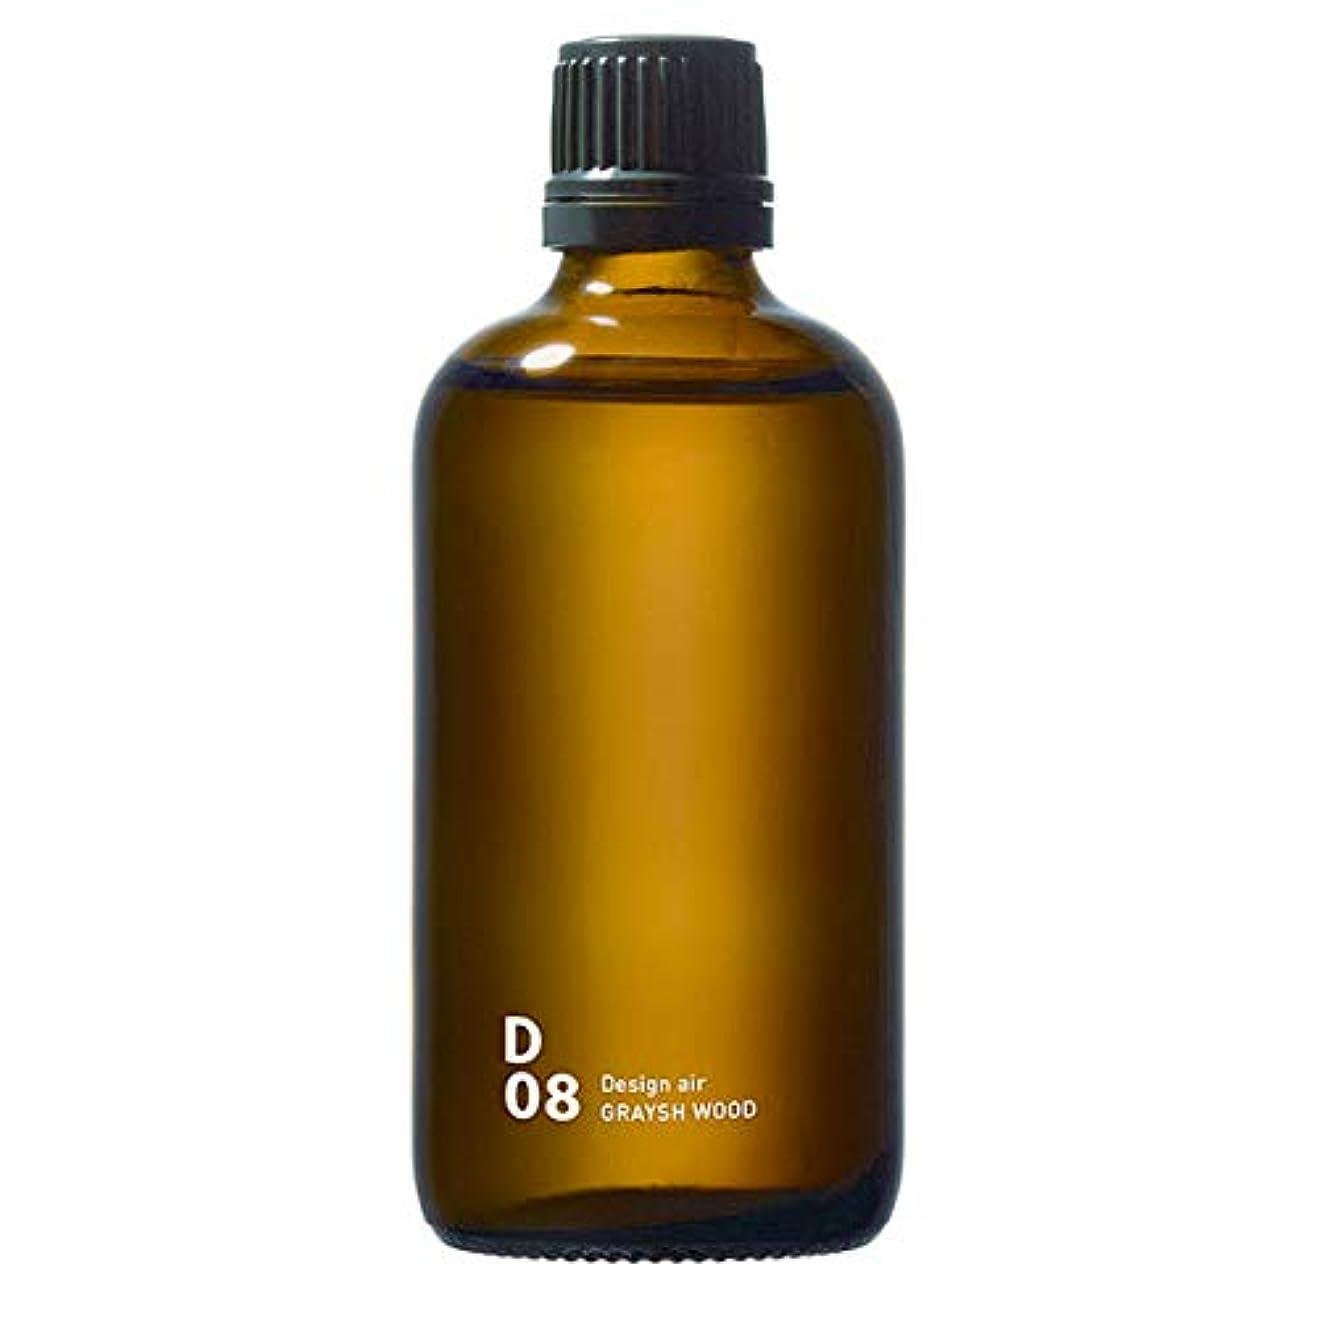 倉庫然としたスラムD08 GRAYISH WOOD piezo aroma oil 100ml